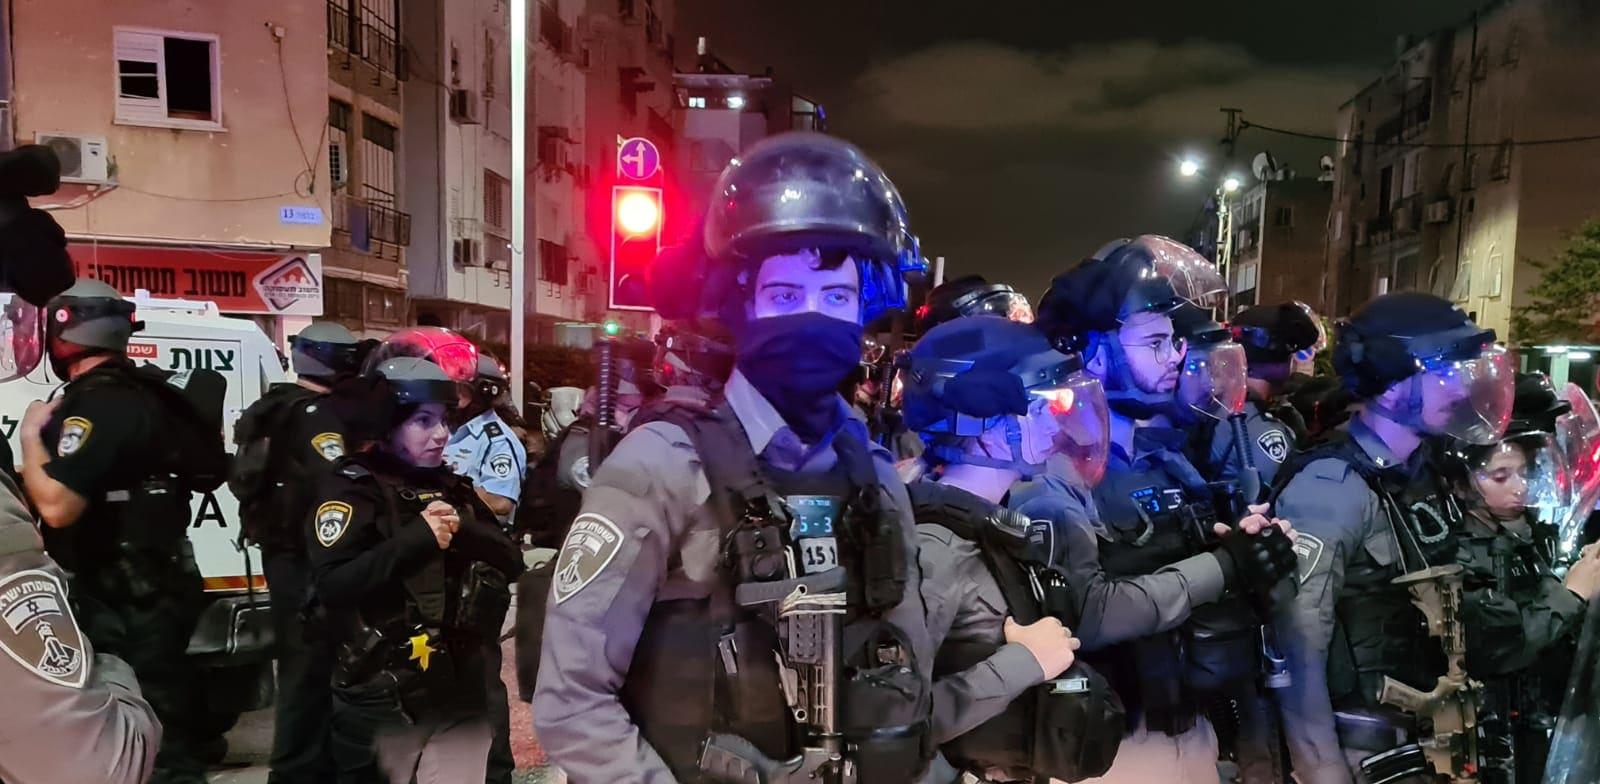 כוחות משטרה באזור בת ים אמש / צילום: דוברות משטרת ישראל